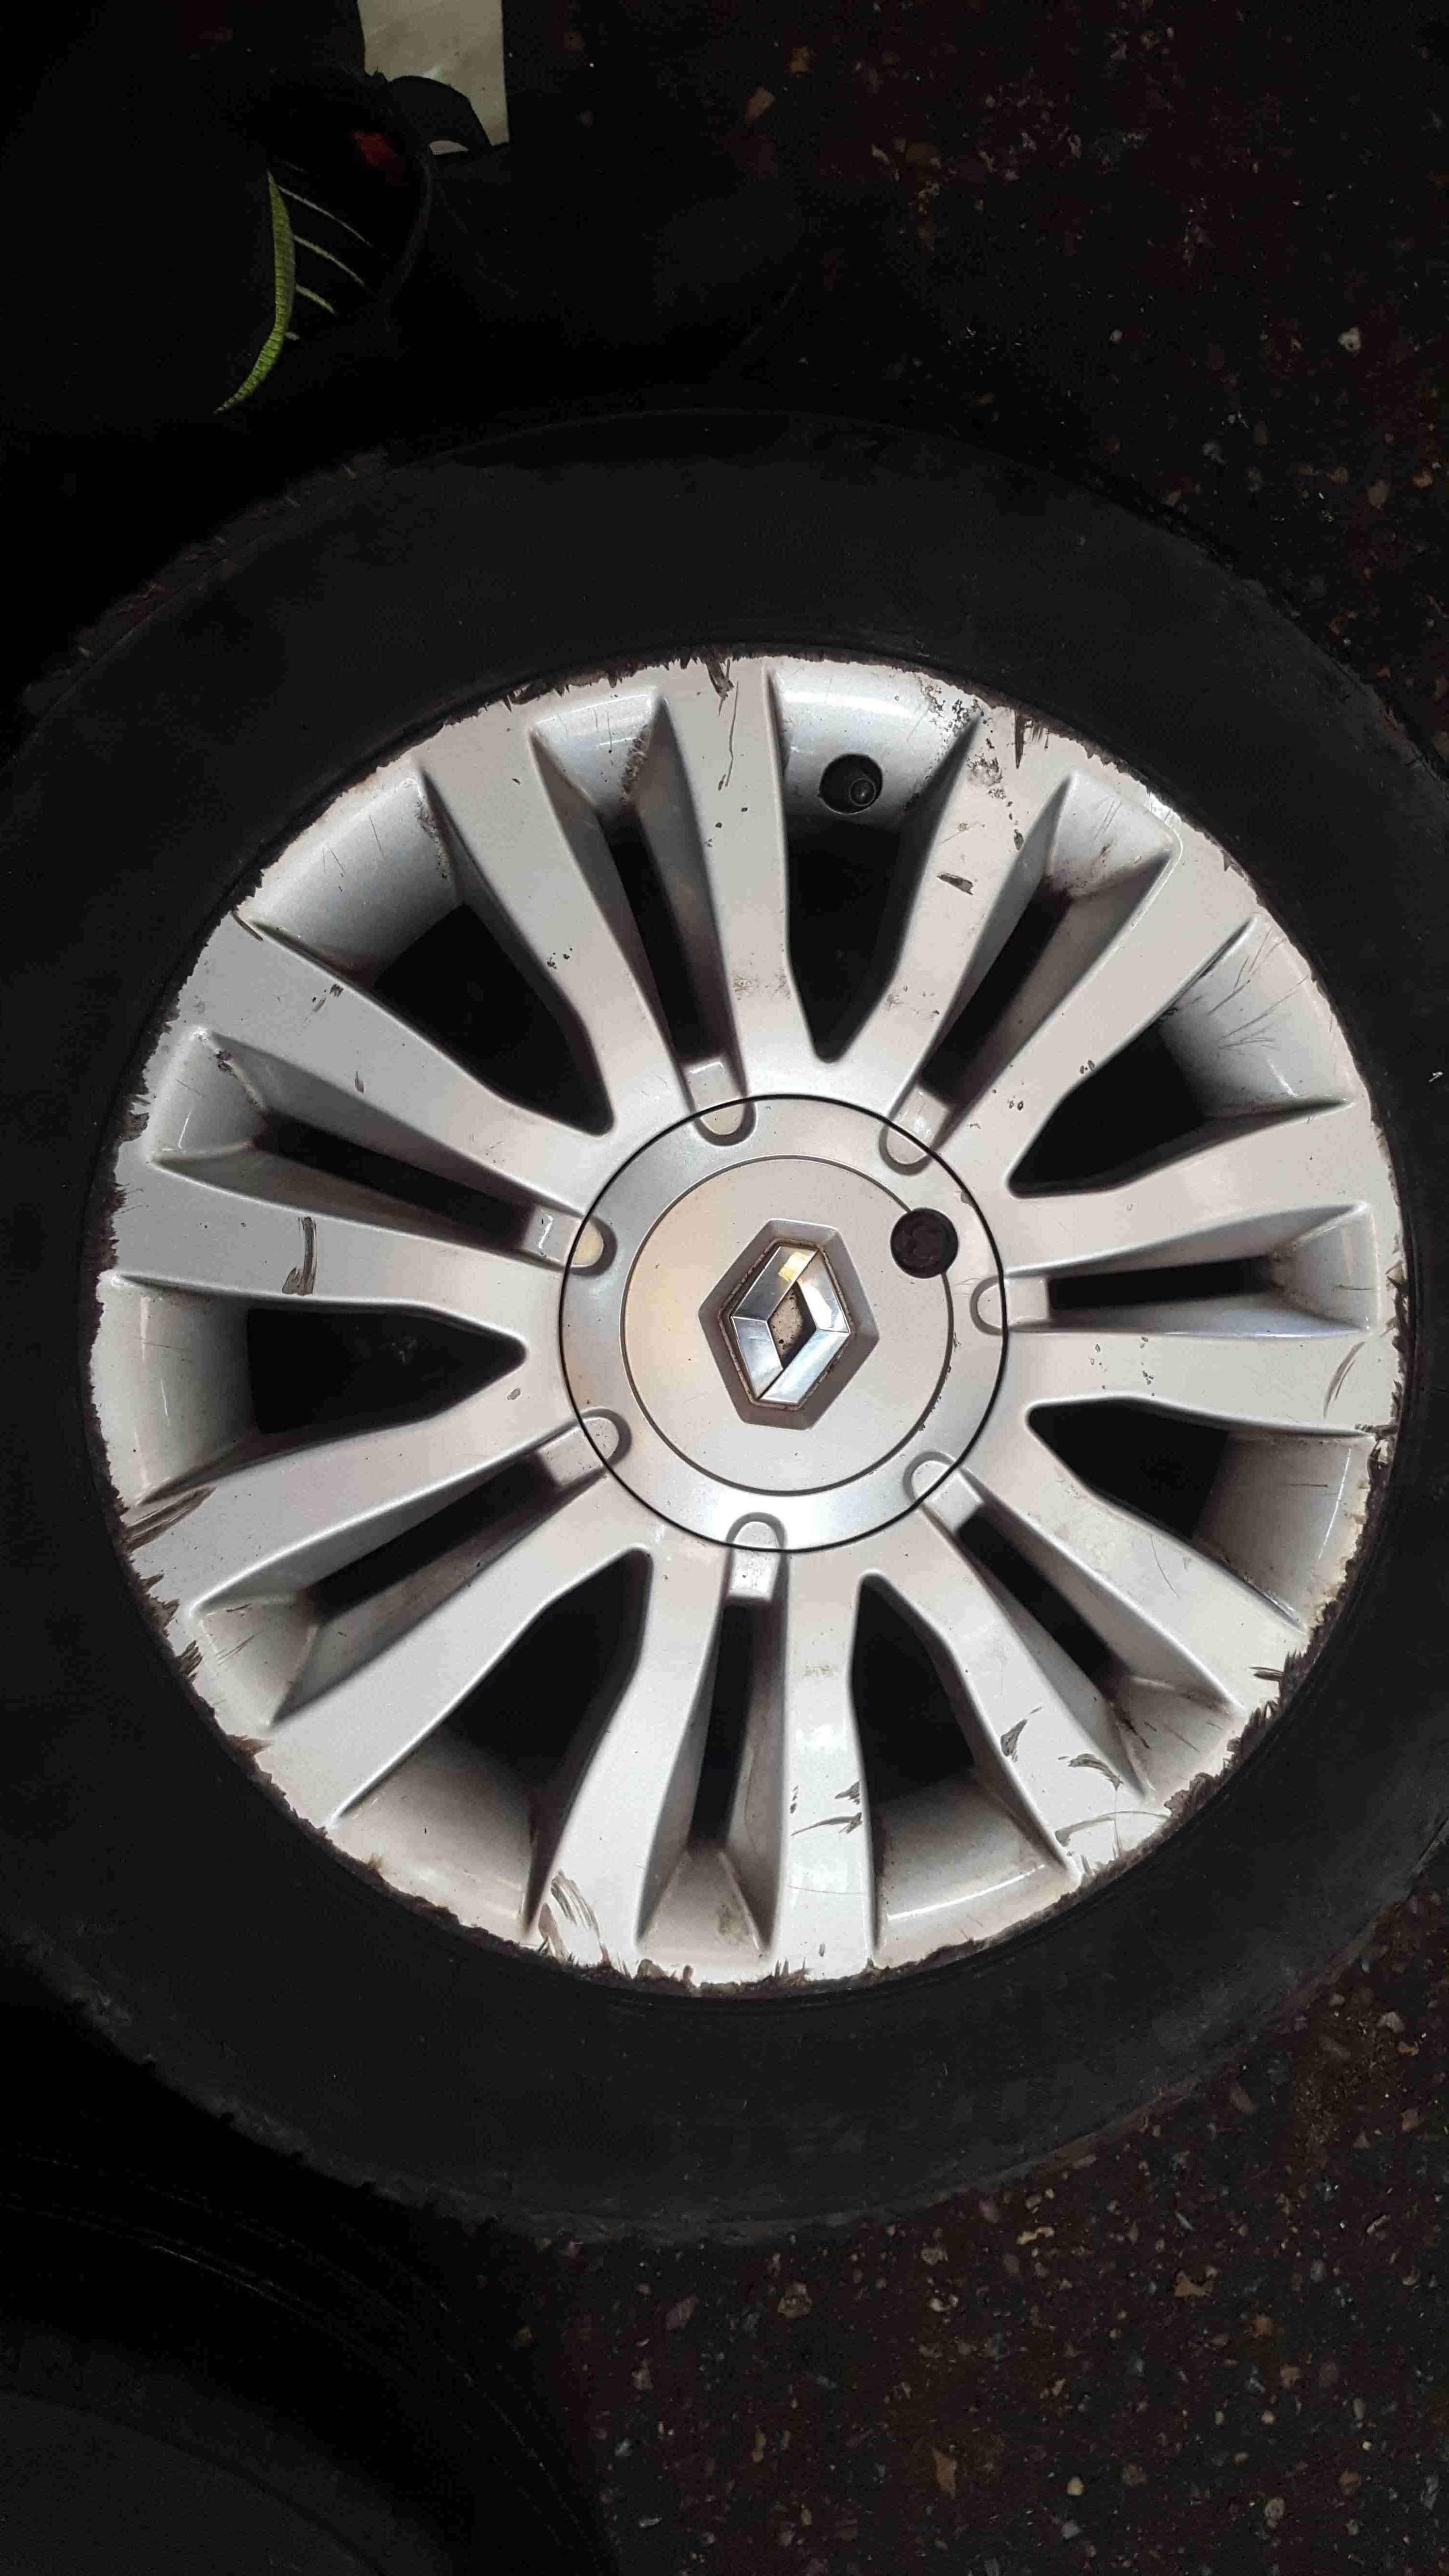 Renault Clio MK3 2005-2012 Del Arte Alloy Wheel + Tyre 185 60 15 5mm